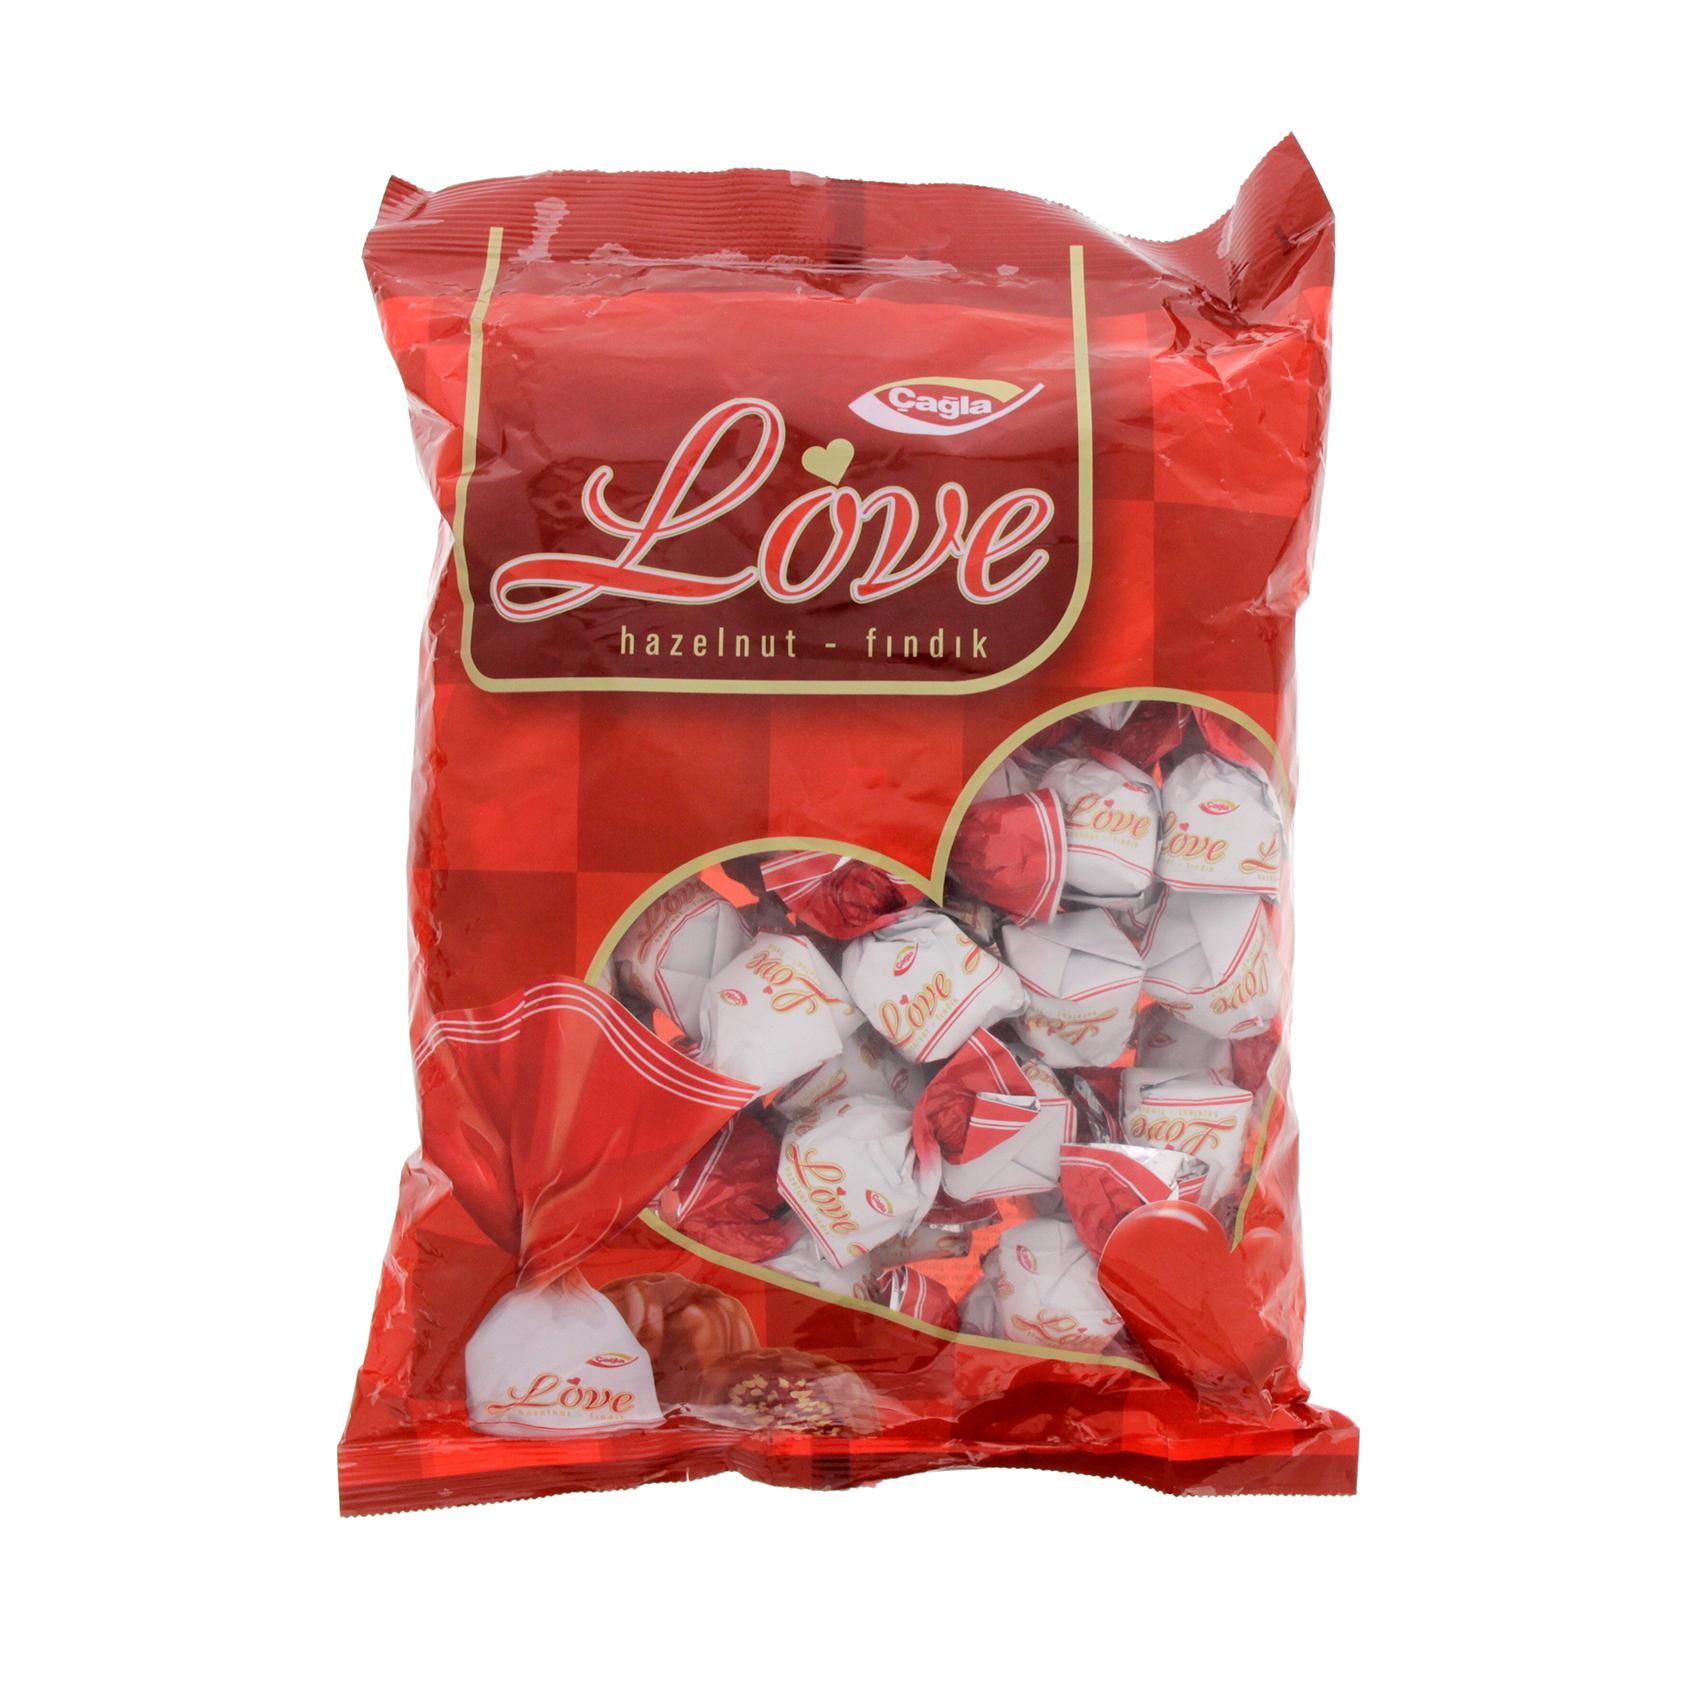 CAGLA LOVE HAZELNUT CHOCO 1KG